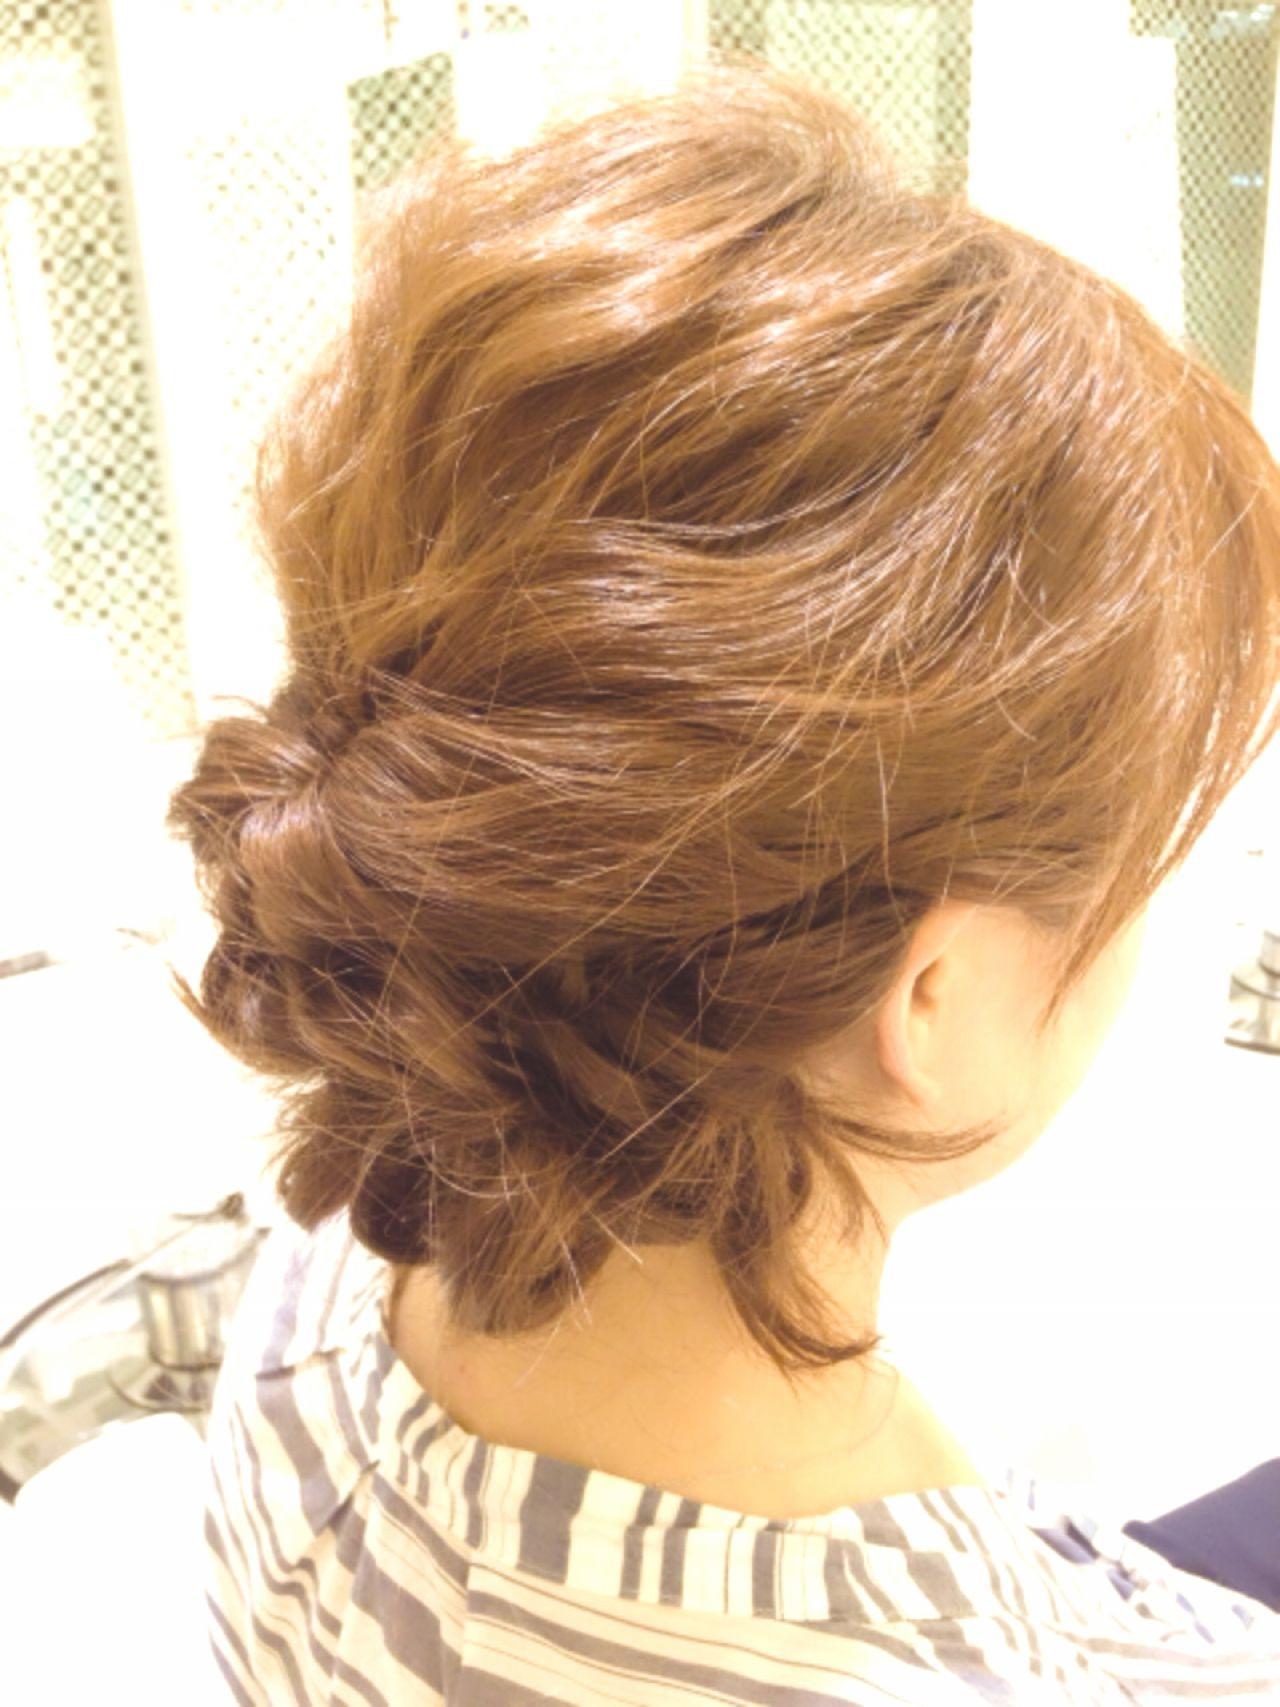 天然パーマを生かそう!くせ毛さん向けのパーマ髪型特集 宮澤 萌子